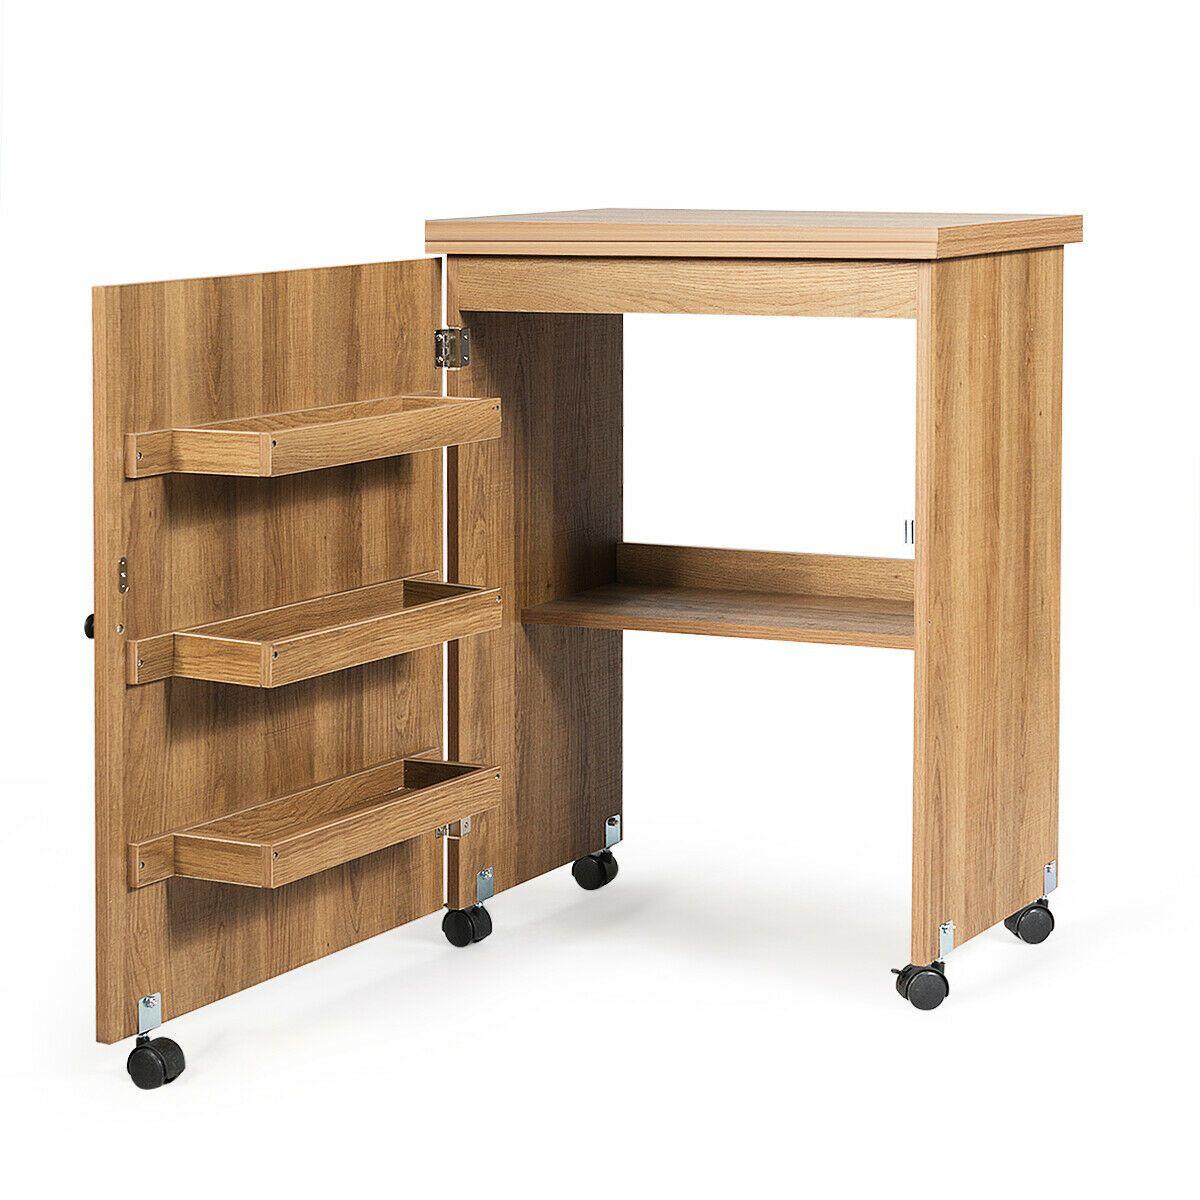 Folding Sewing Craft Table Shelf Storage Cabinet Home Furniture Moveis Espaço De Costura Maquina De Costura